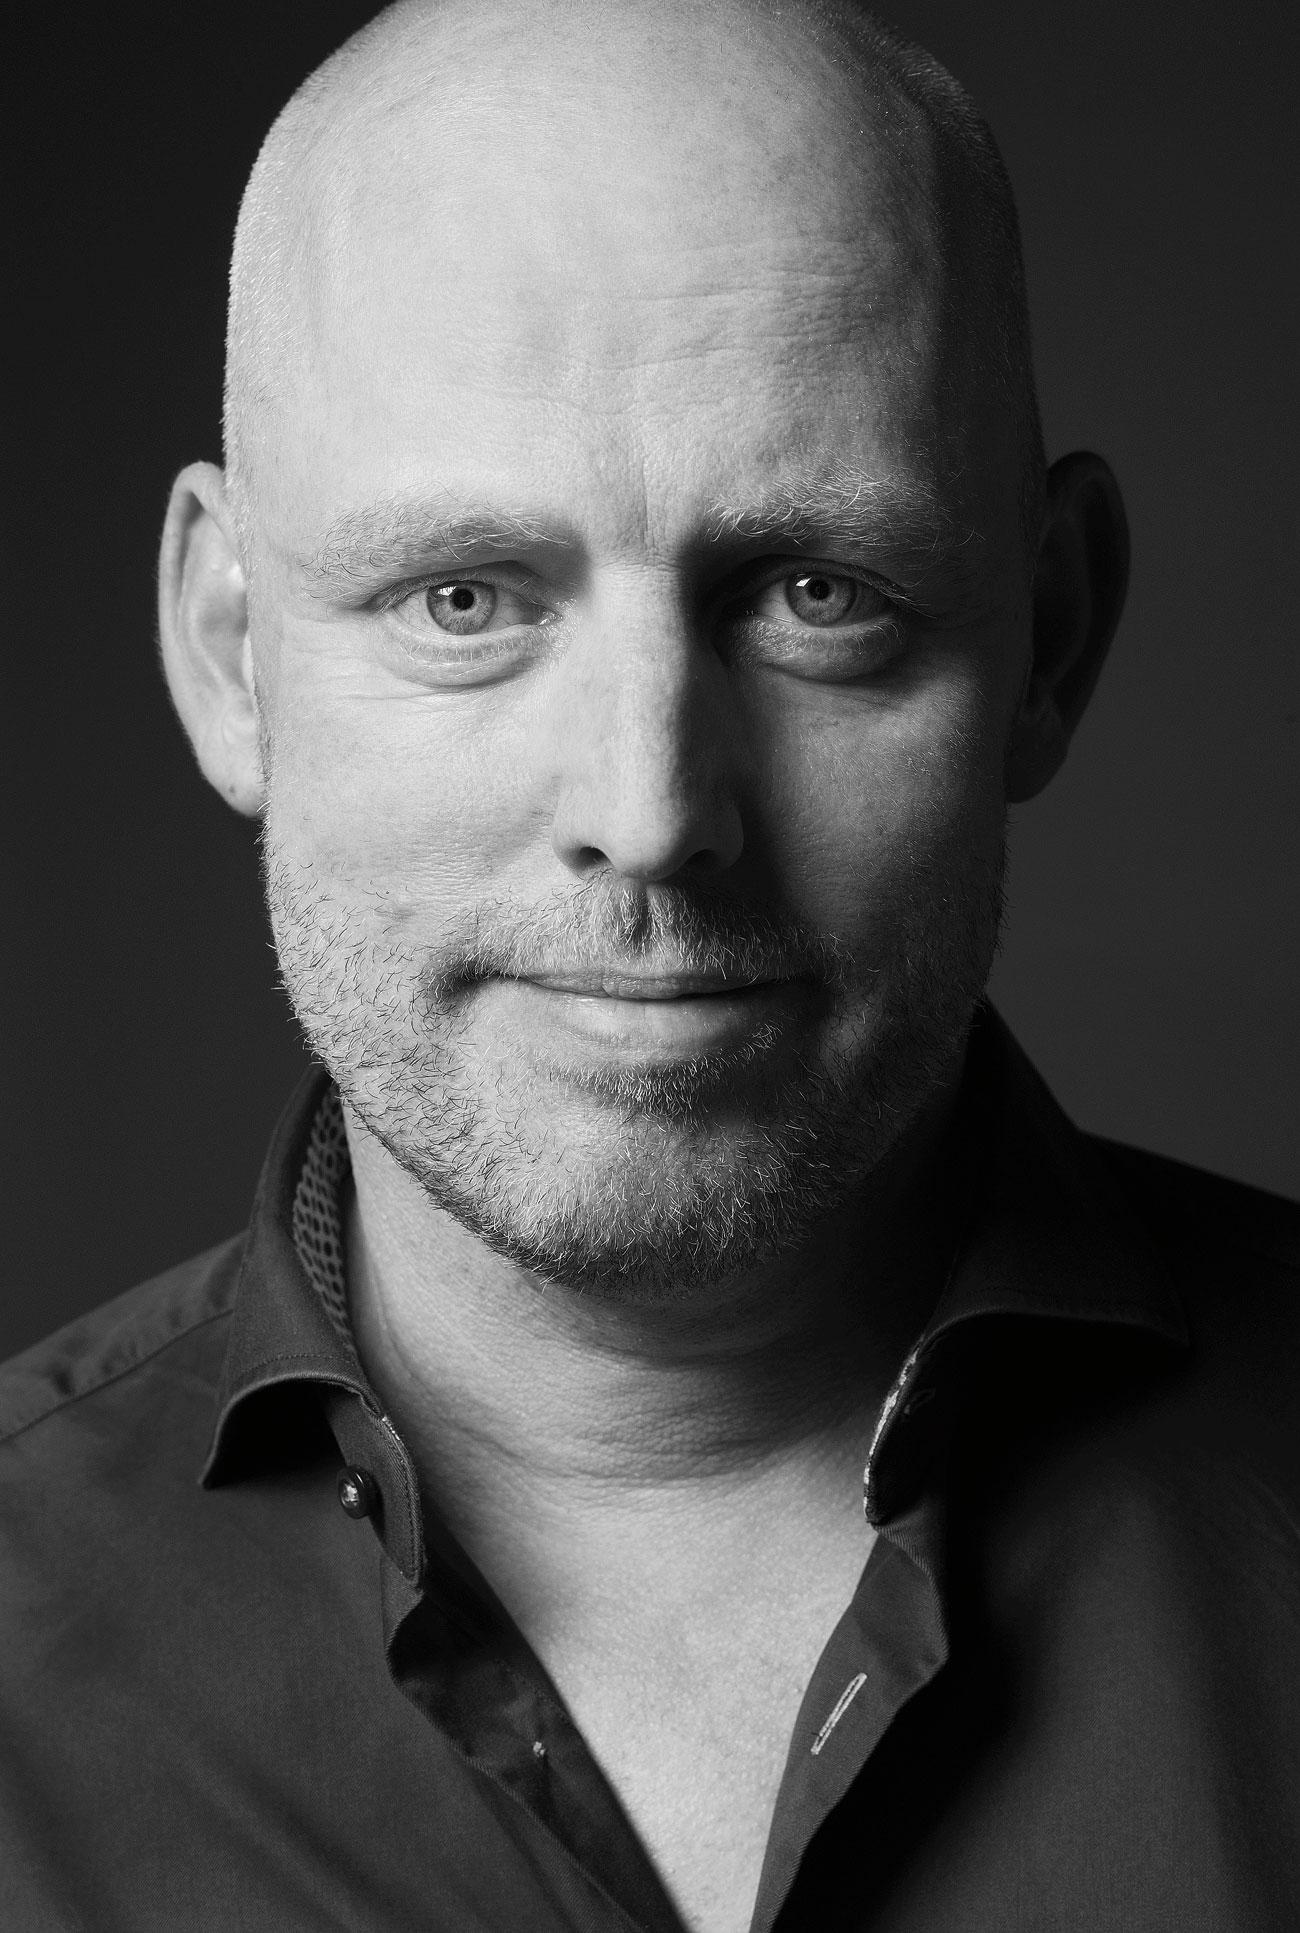 Jochen Rädeker über die Zukunft von Design in Zeiten von KI